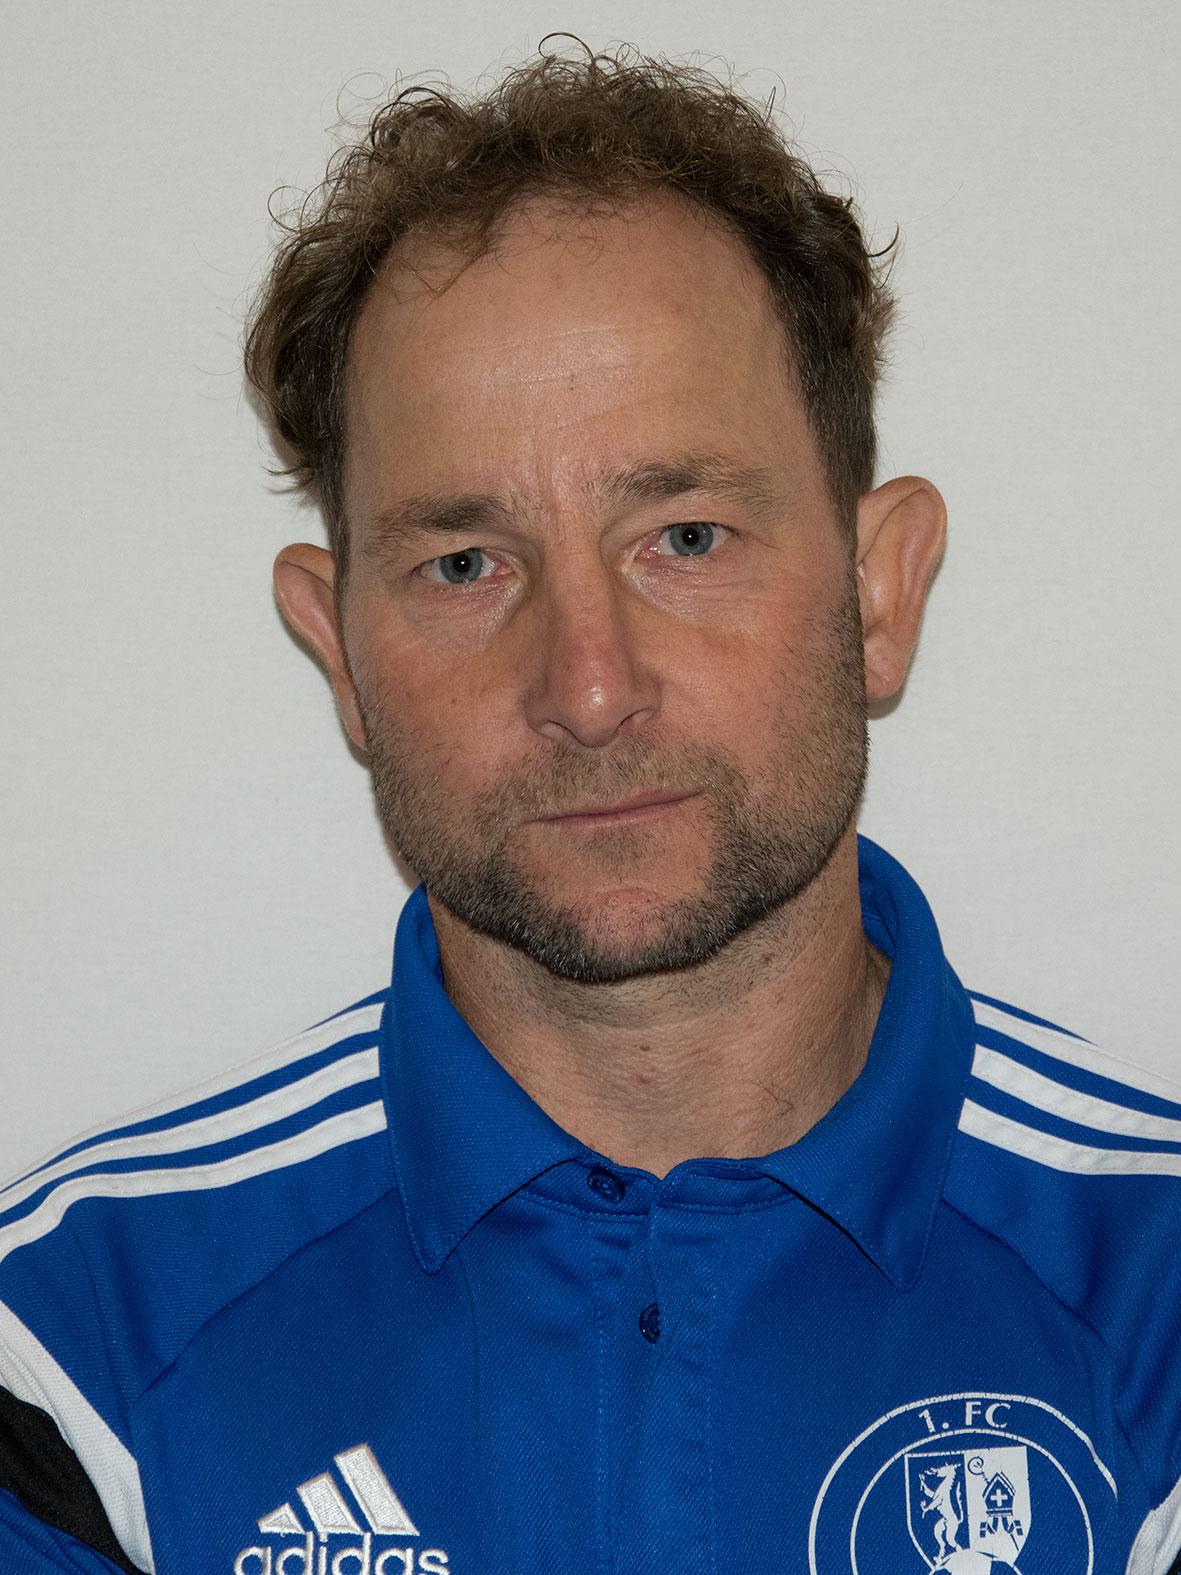 Christian Buchberger